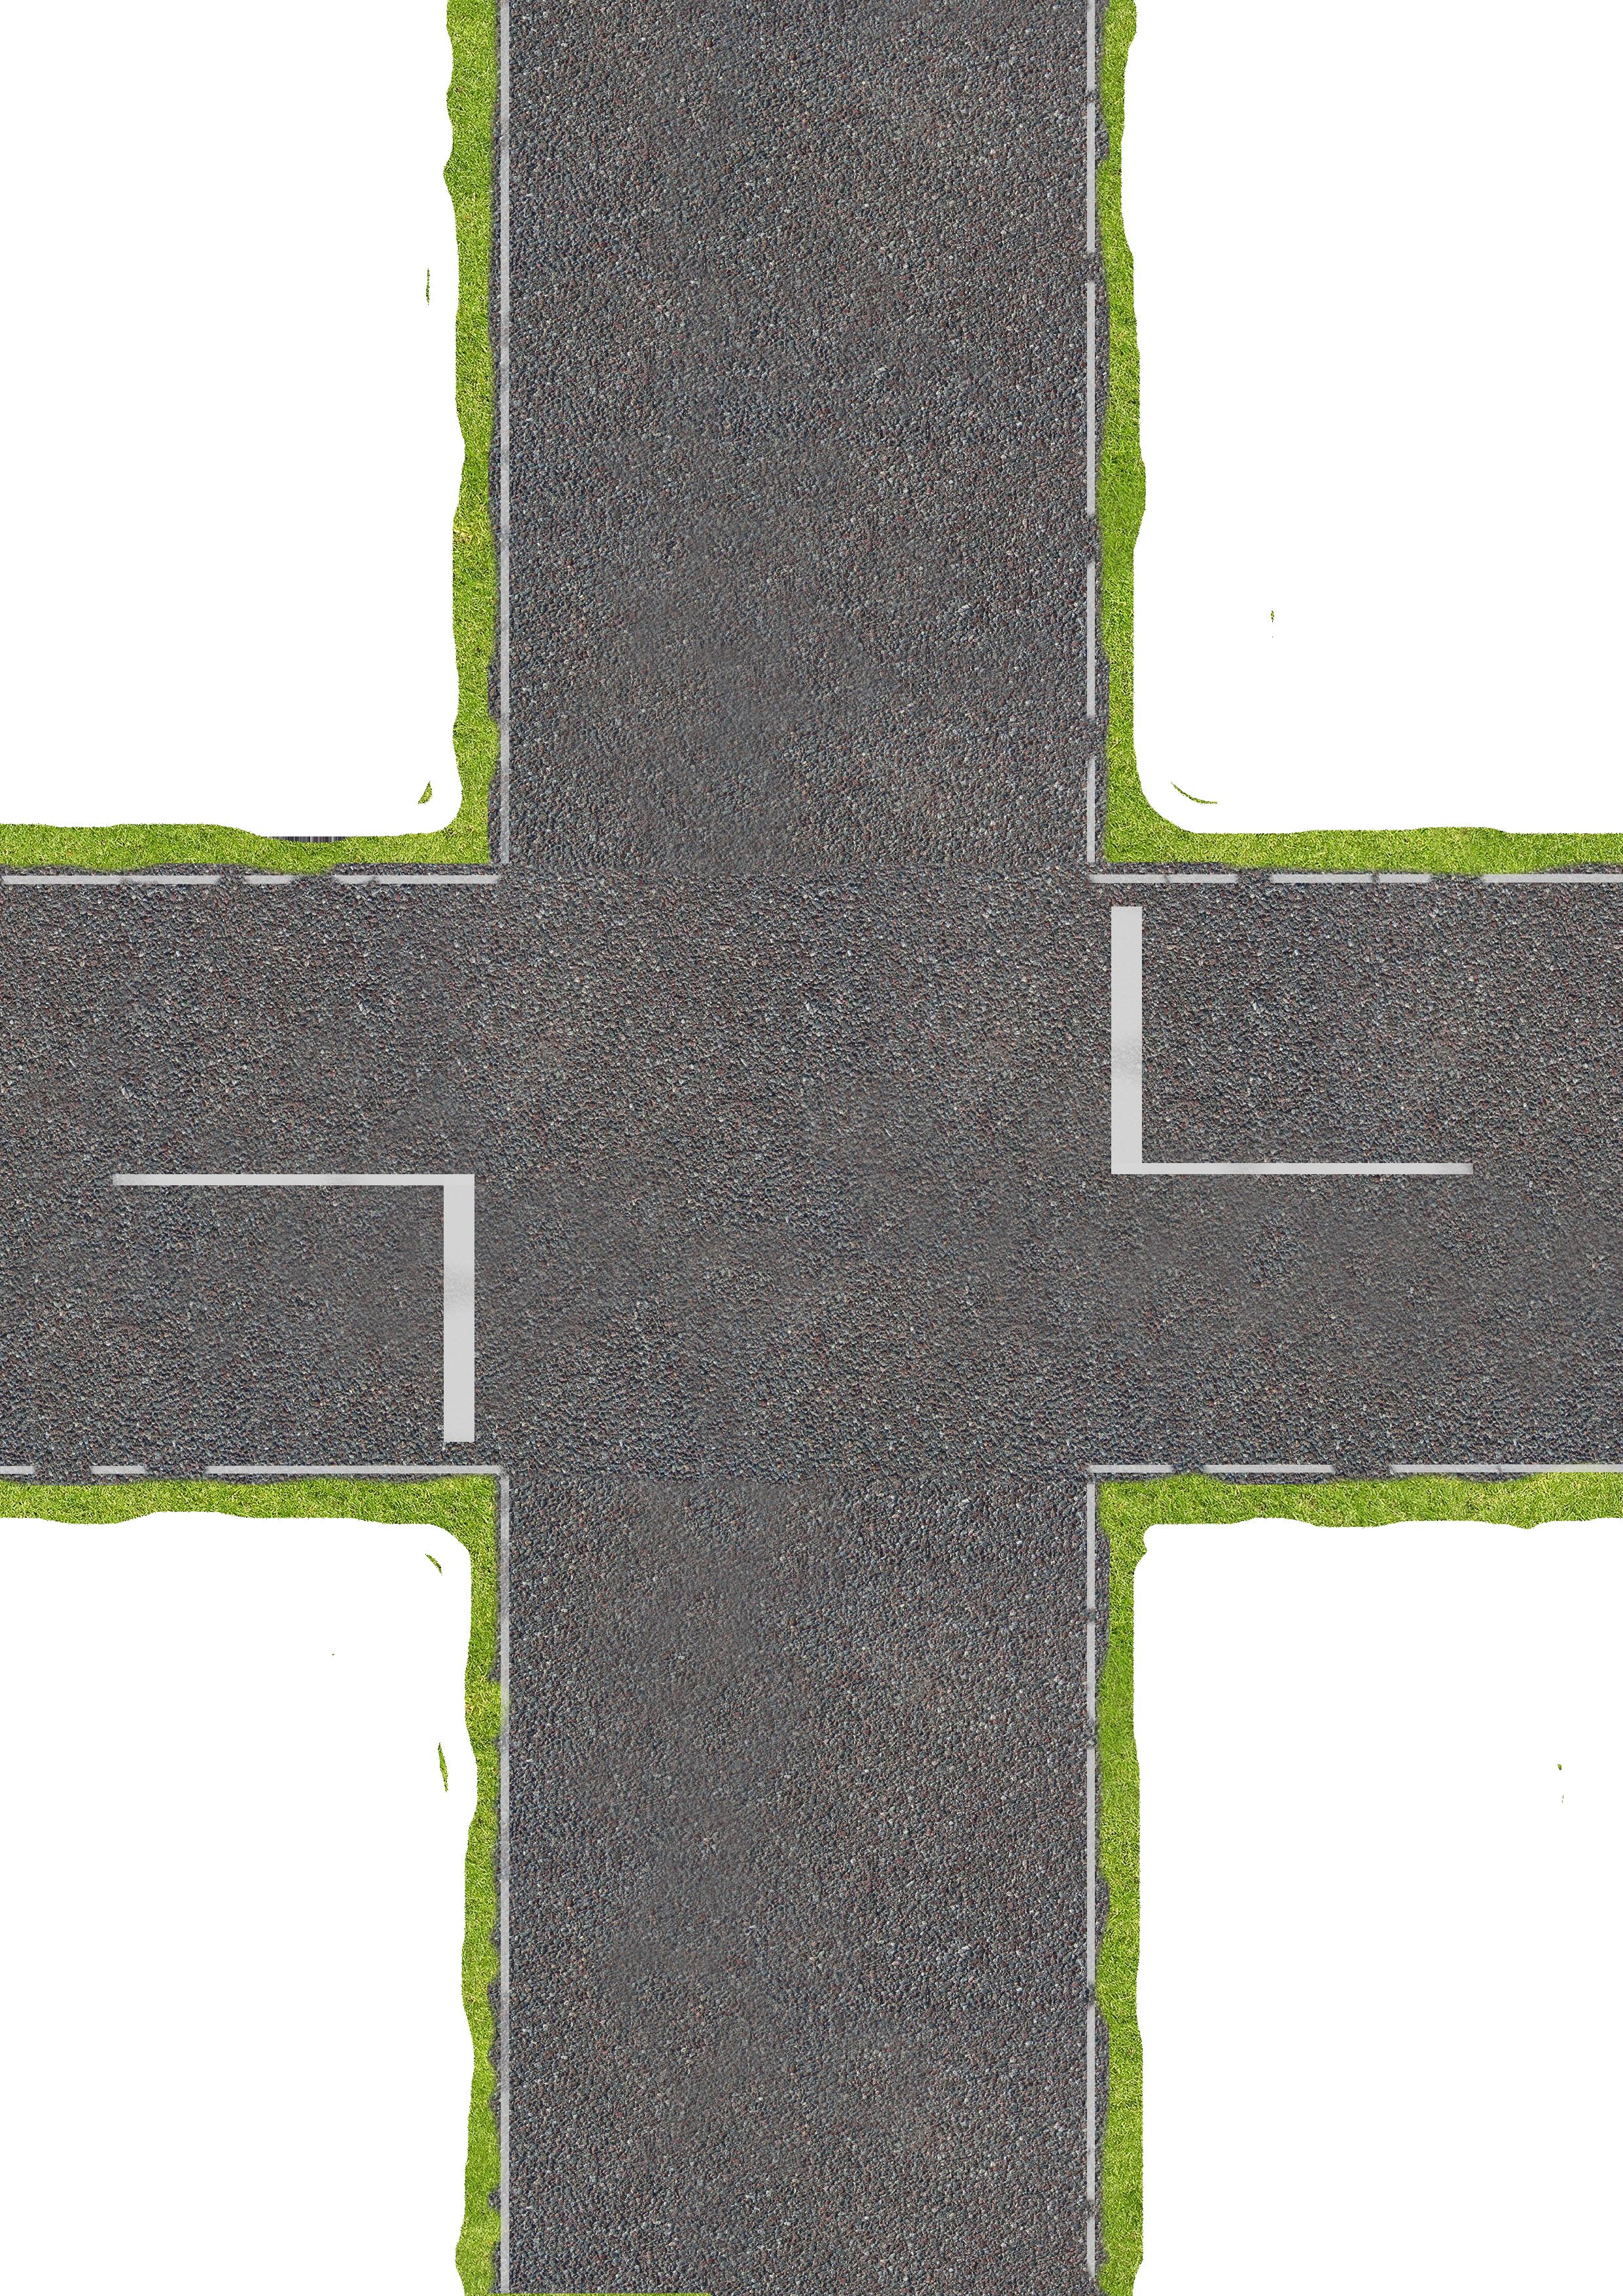 Straße-Kreuzung.png